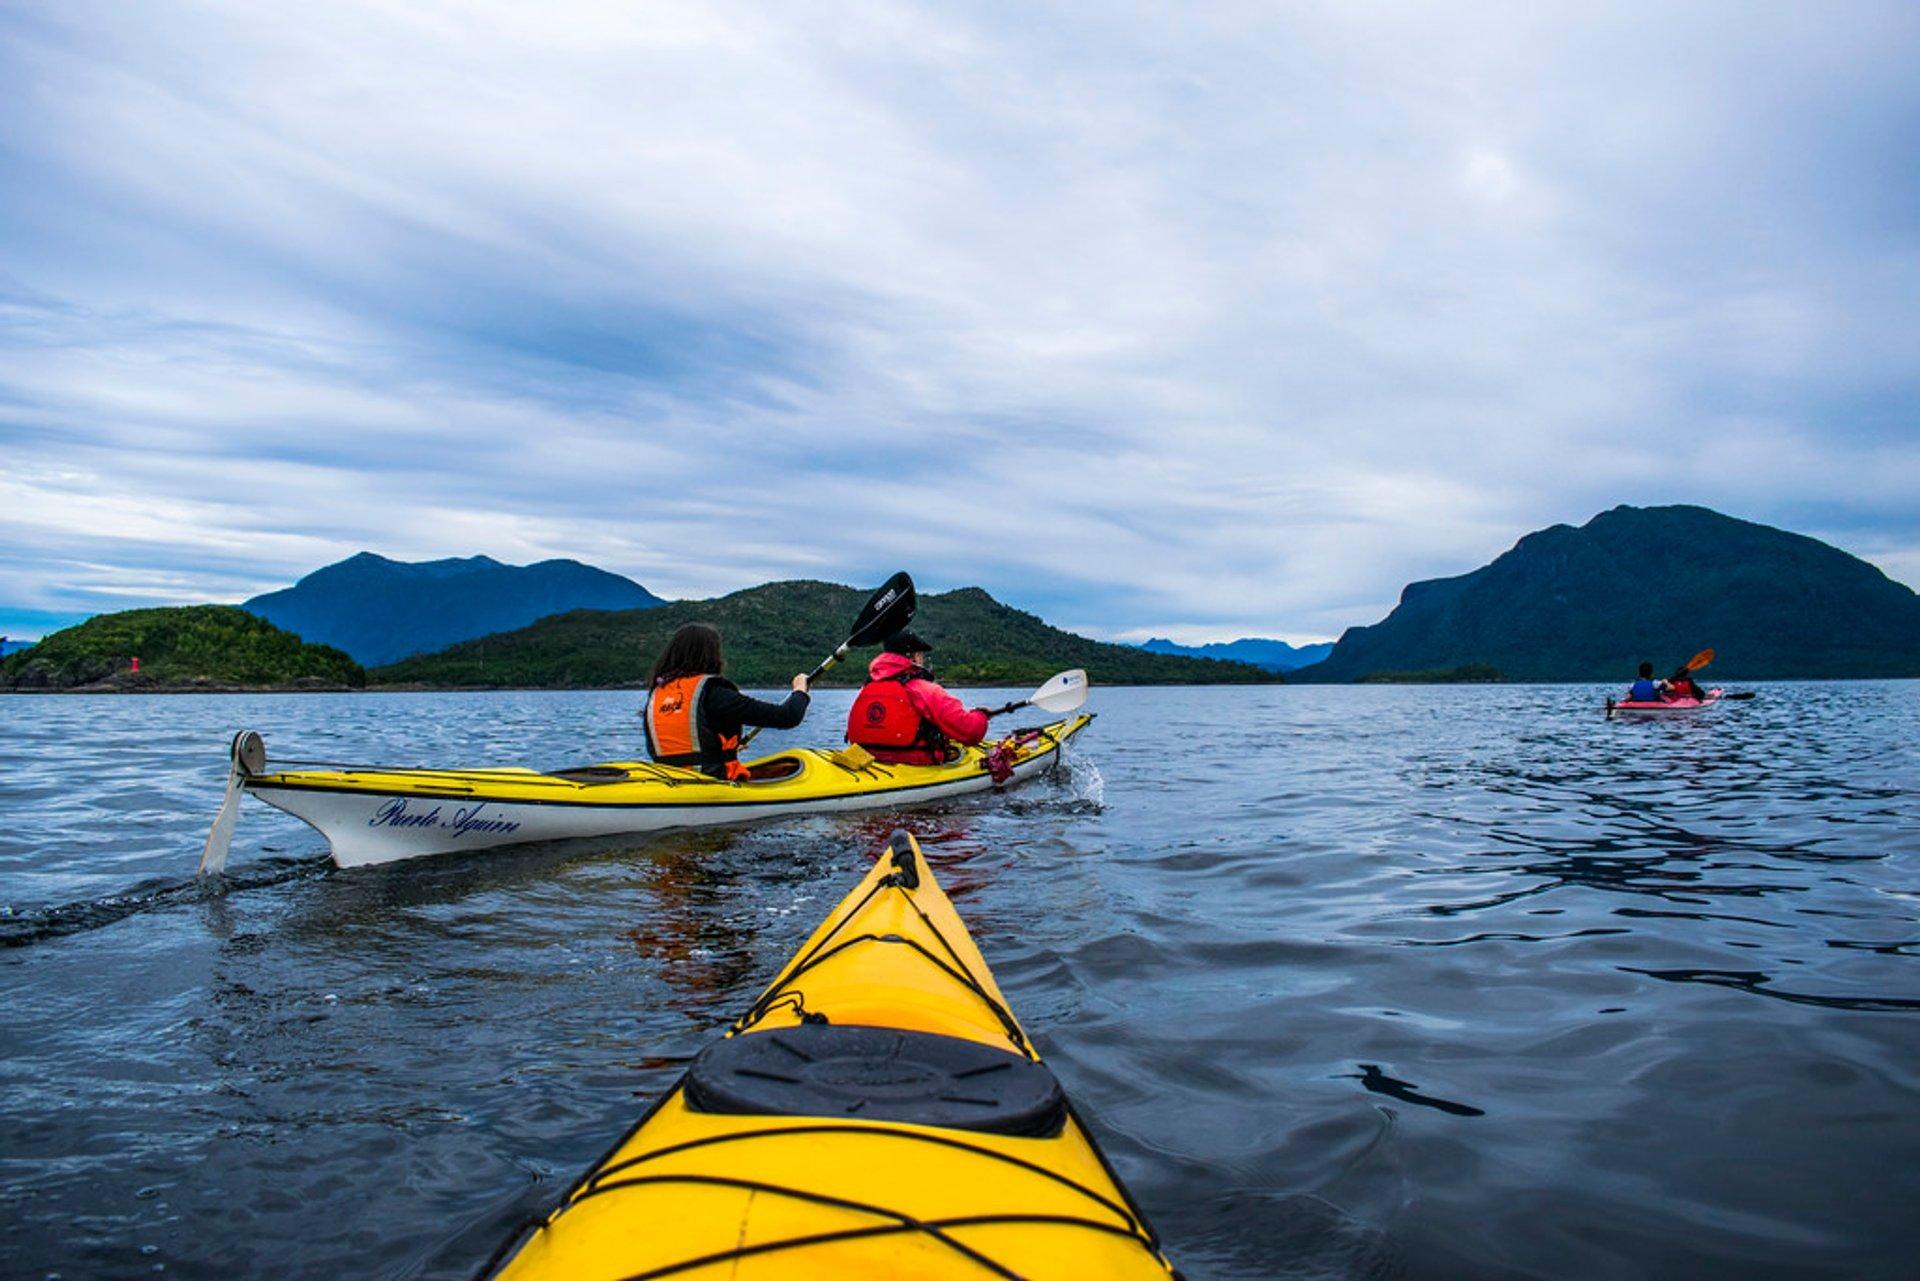 Kayaking in Patagonia 2020 - Best Time